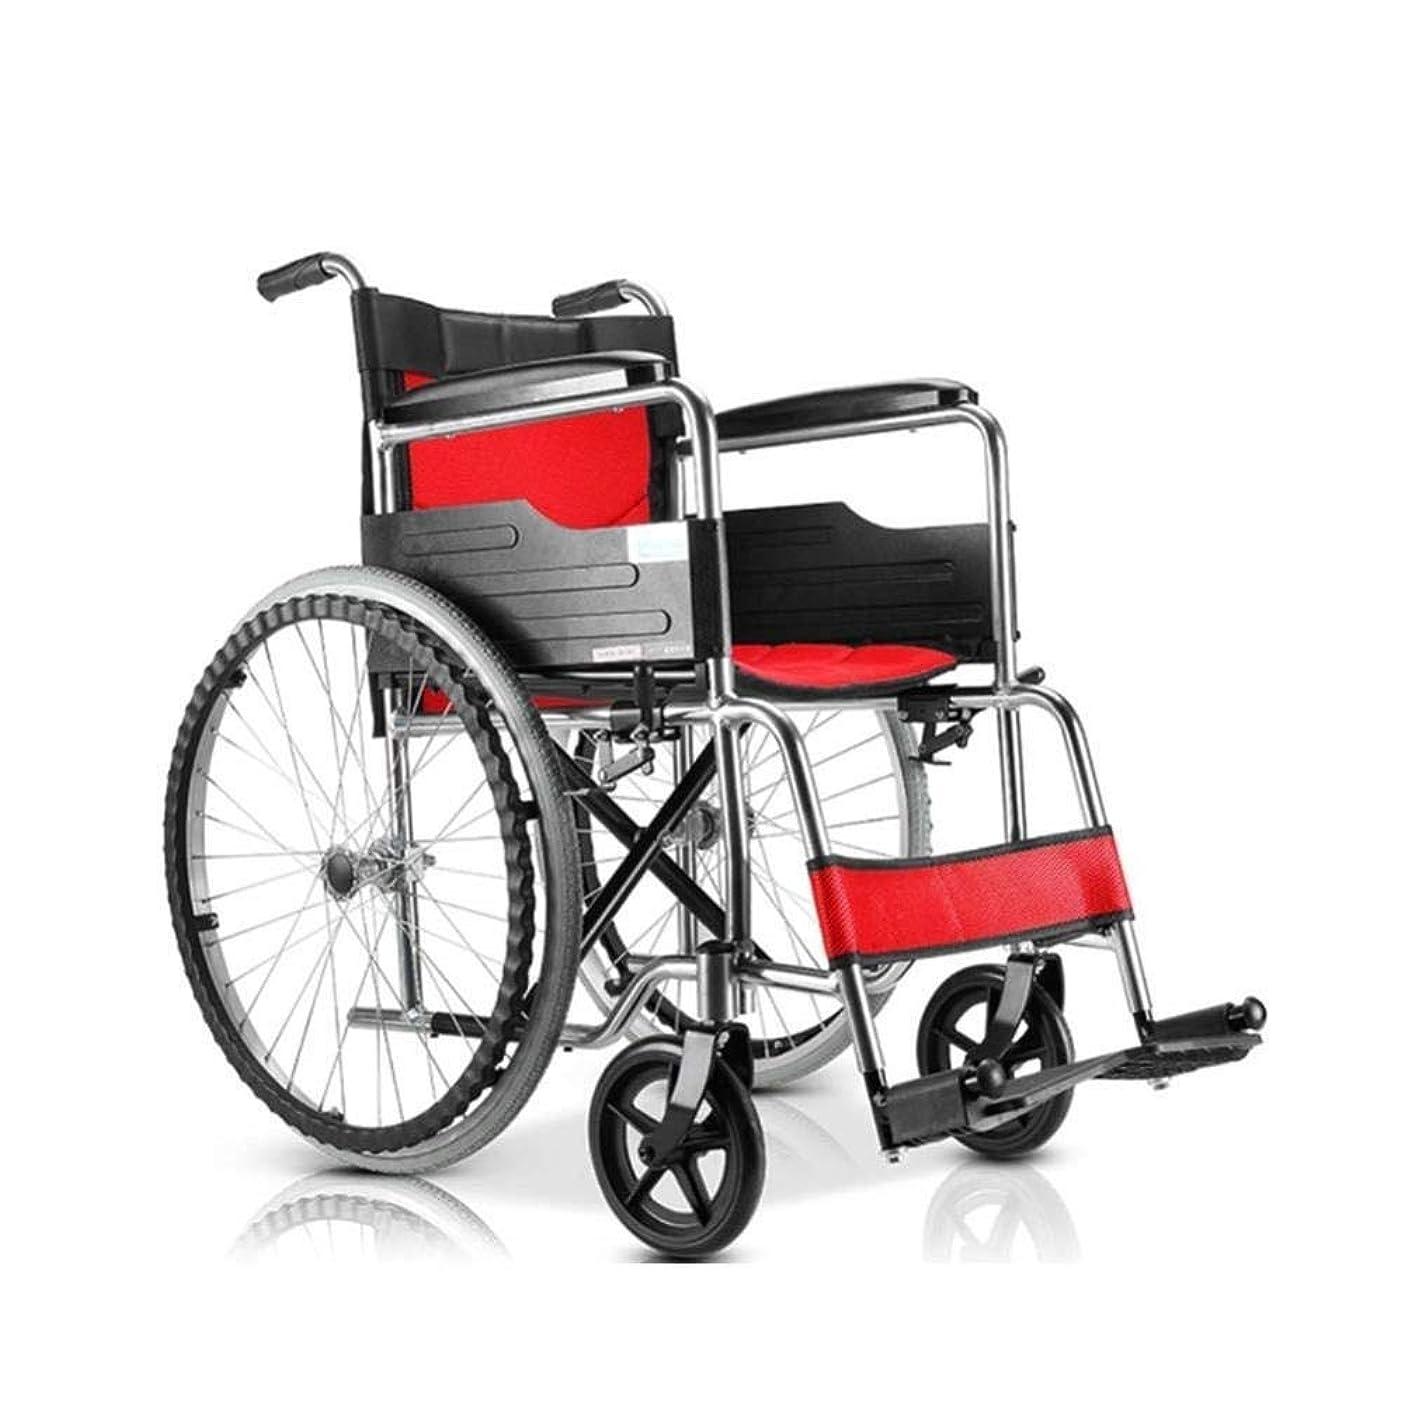 実現可能ごみ迅速自走式車椅子、高齢者、身体障害者、身体障害者向けの軽量モビリティデバイス、ポータブル車椅子